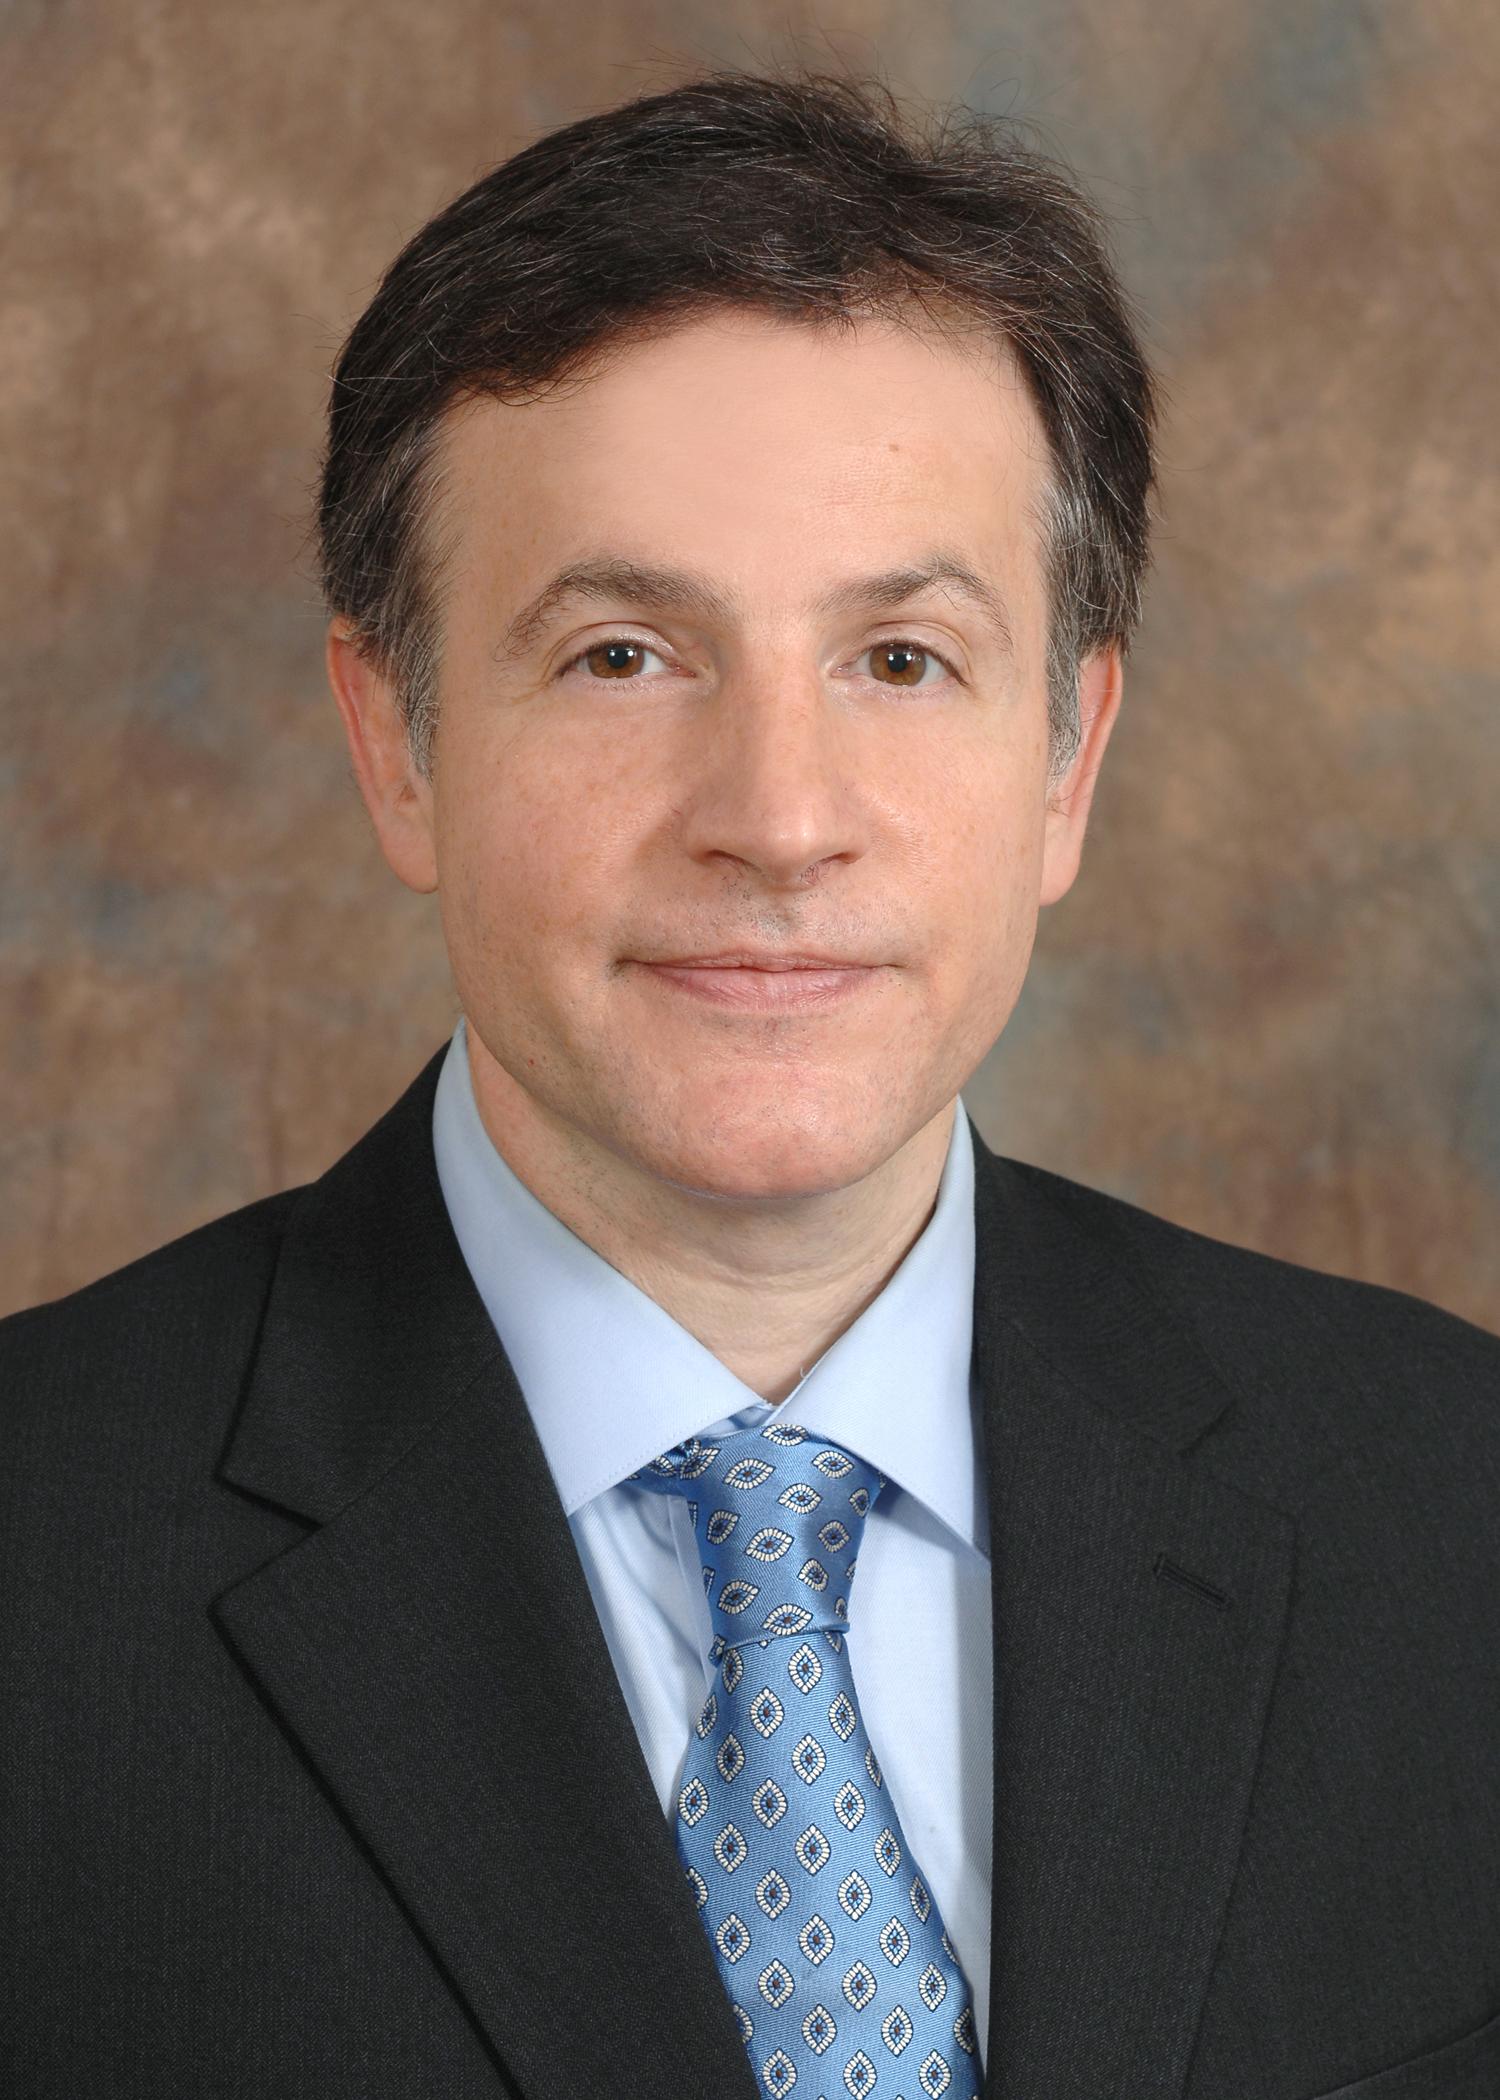 Todd Abruzzo, MD